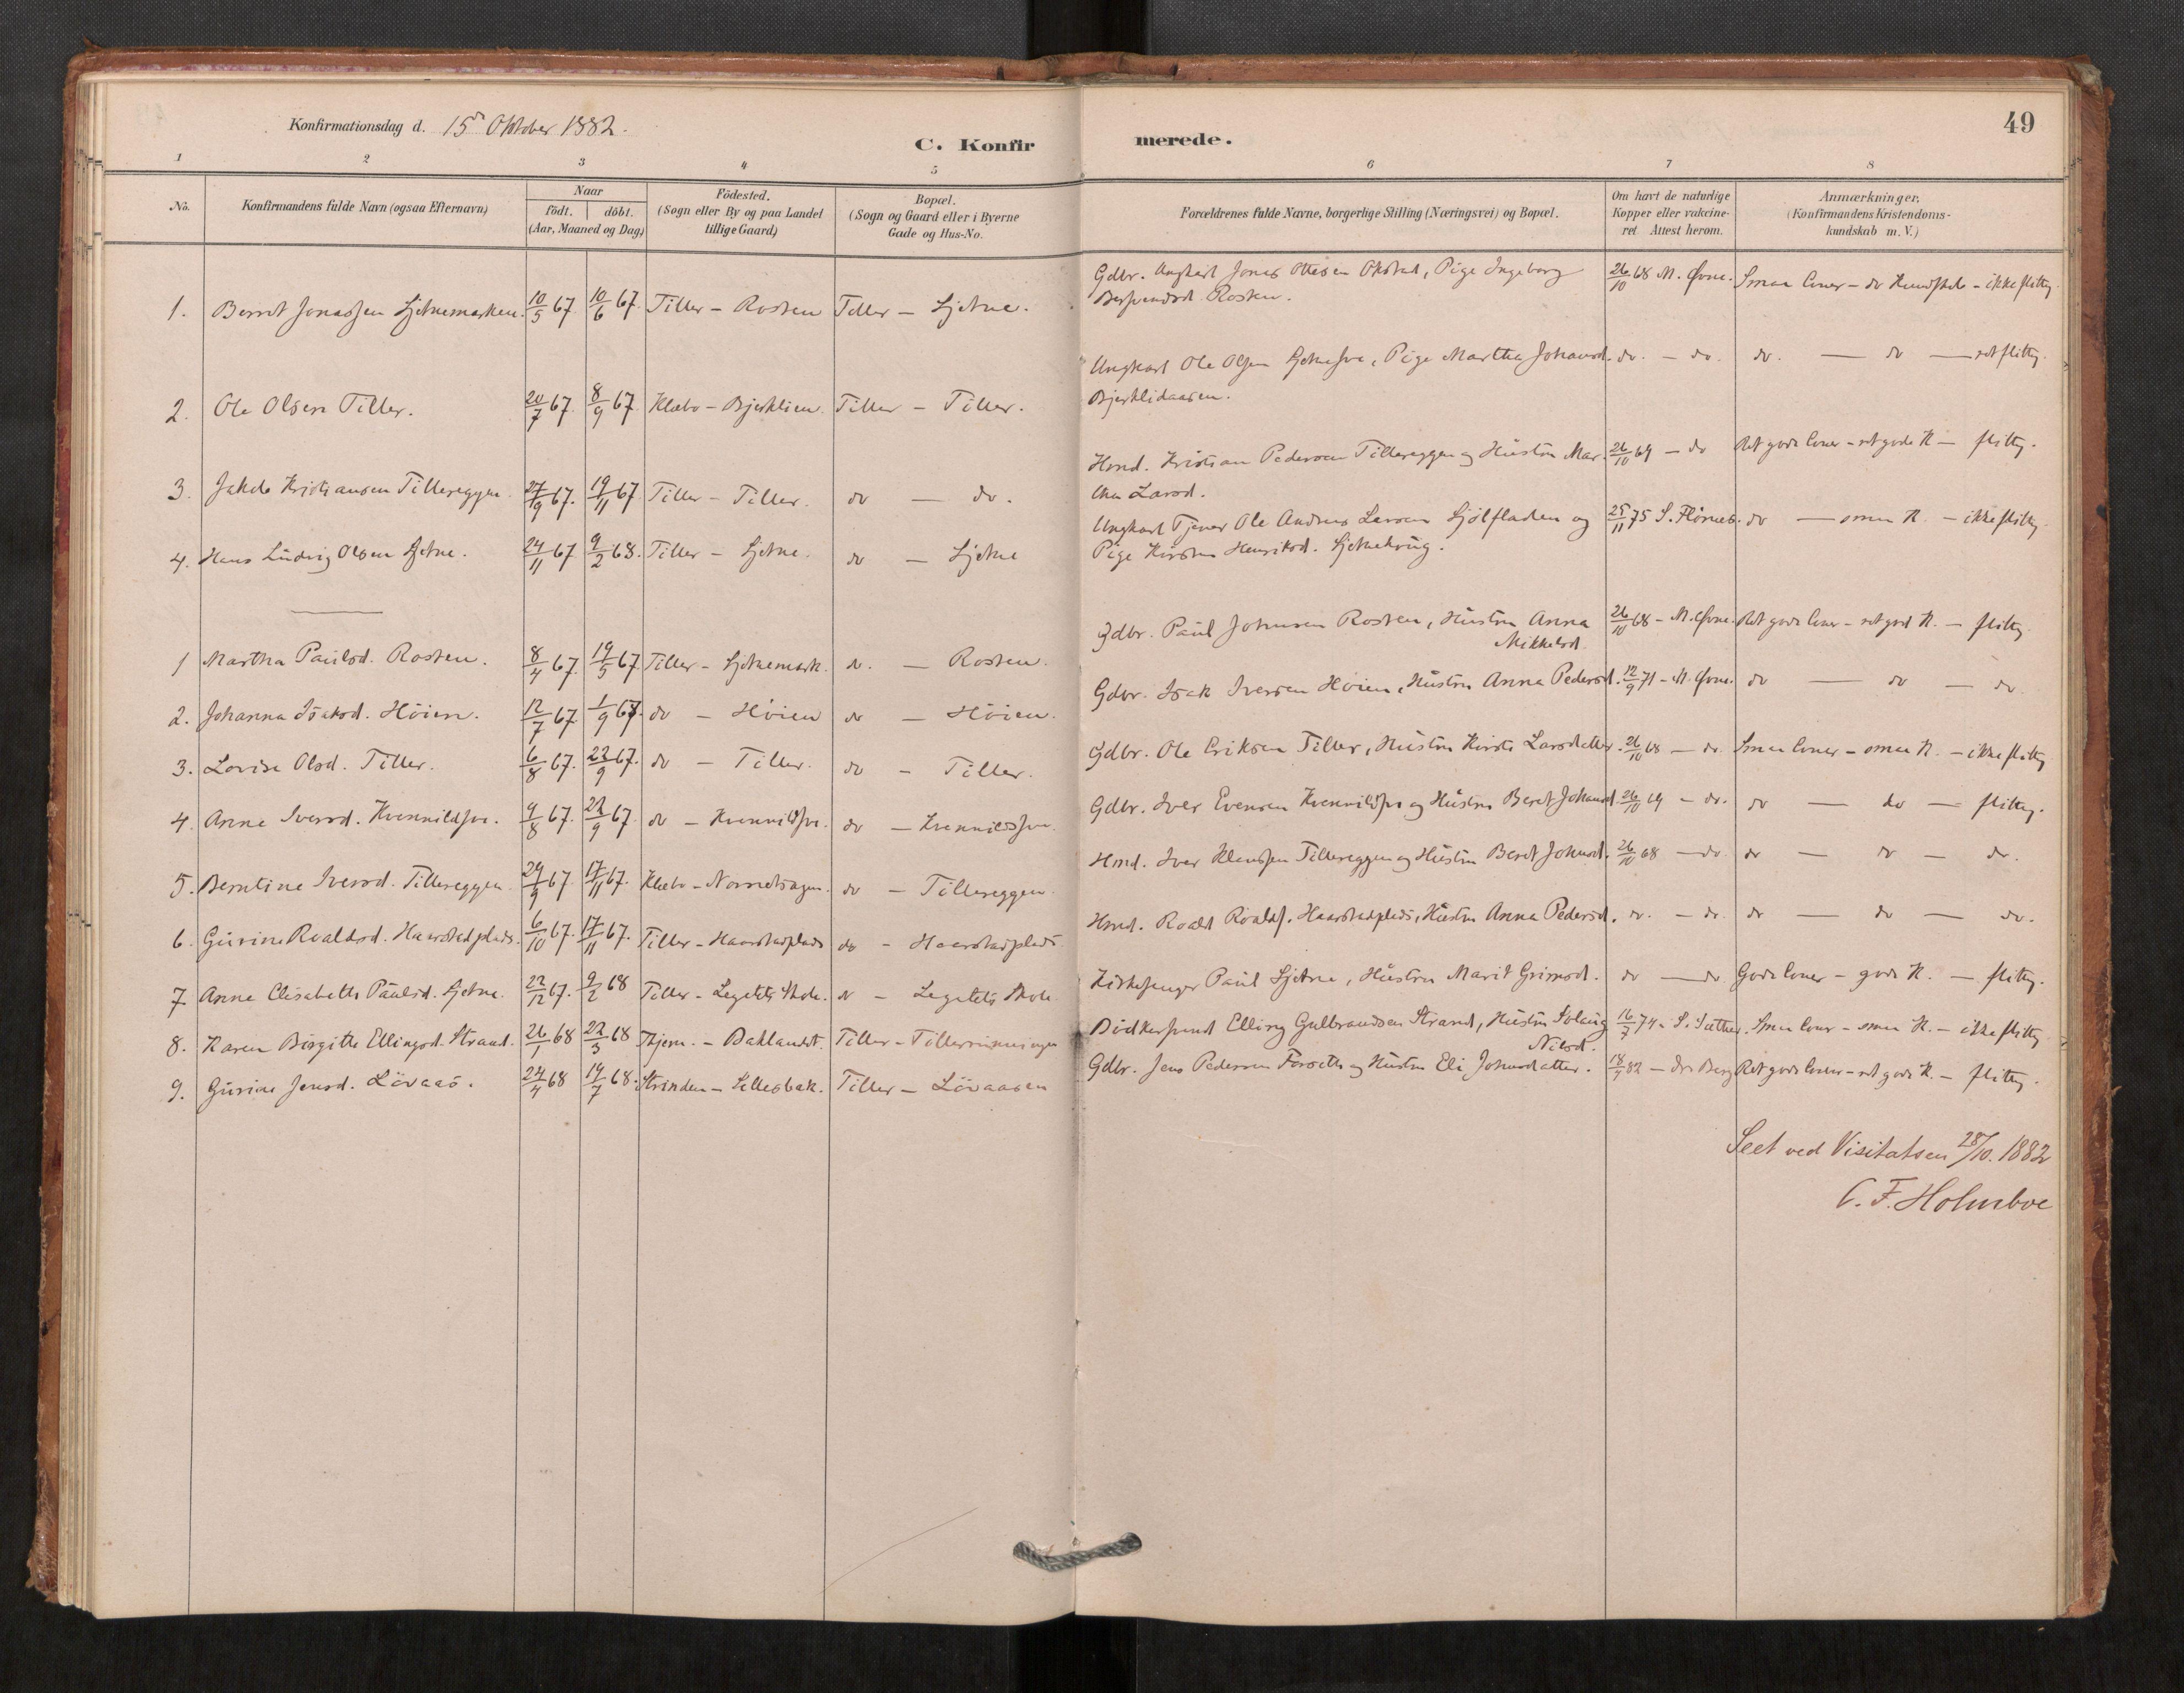 SAT, Klæbu sokneprestkontor, Parish register (official) no. 1, 1880-1900, p. 49